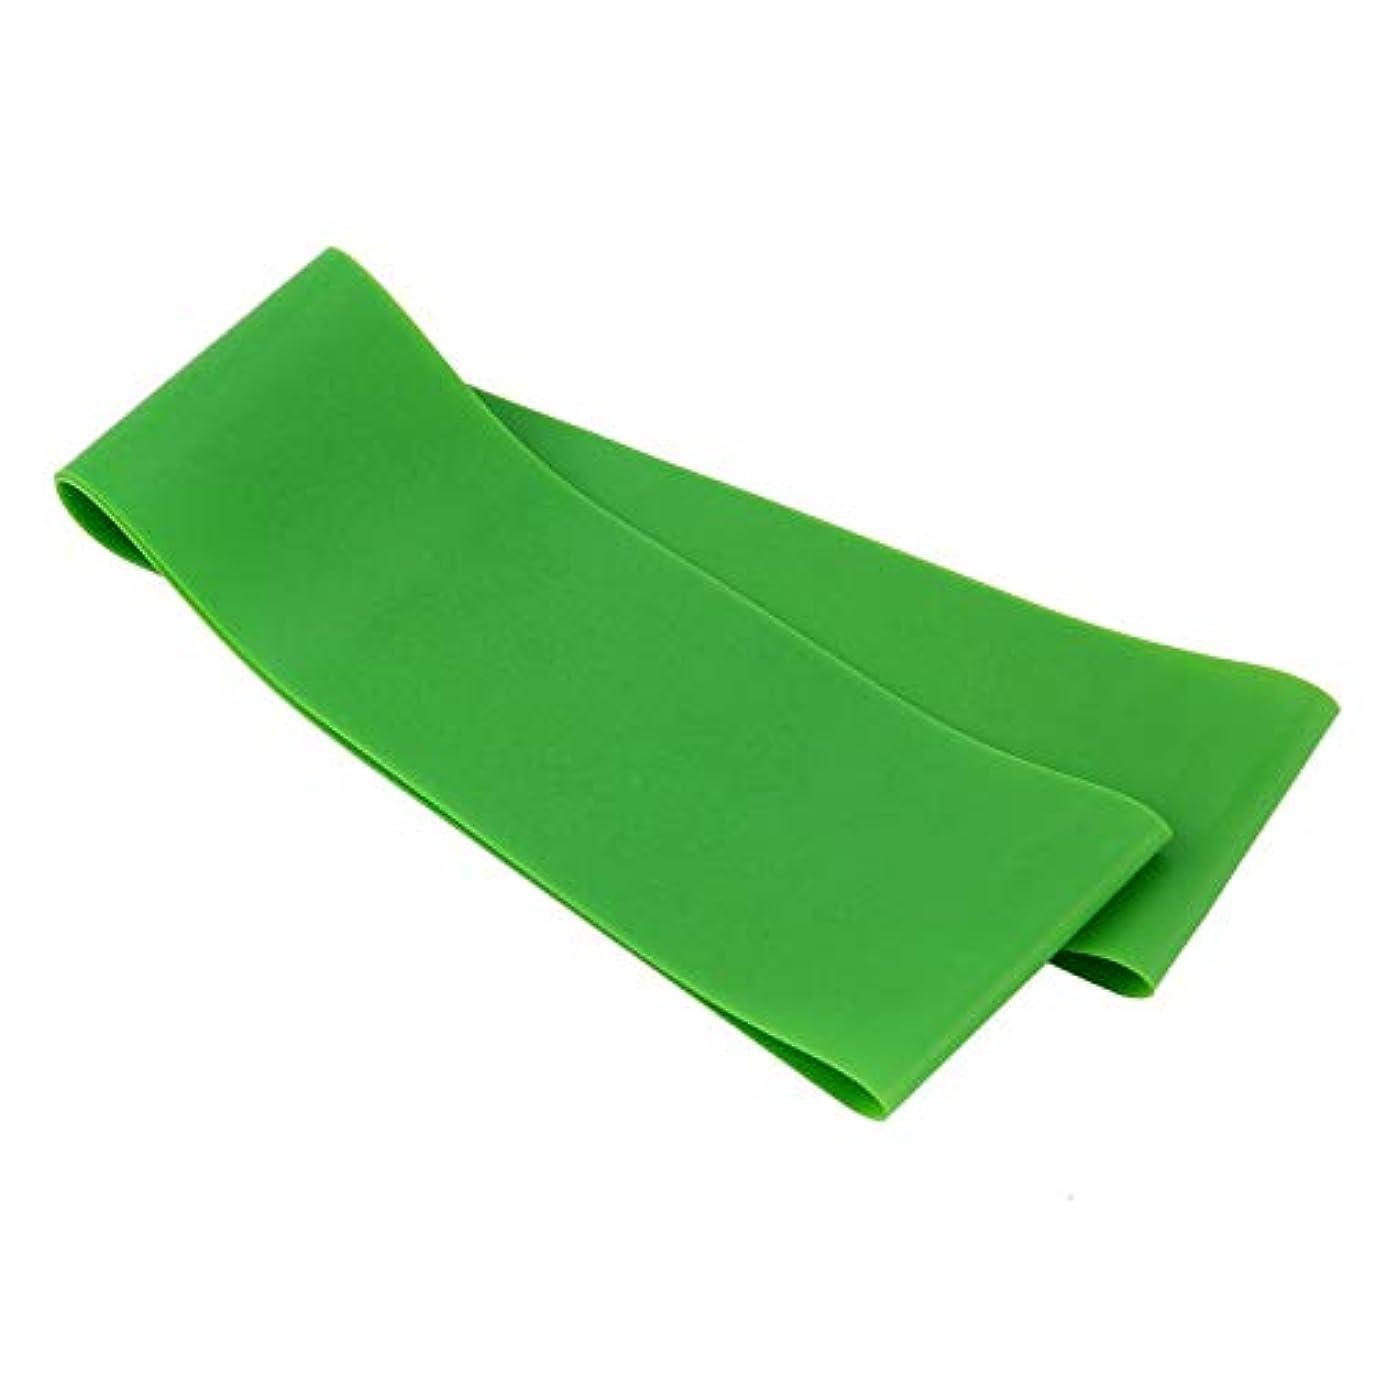 クラフトセットアップ小麦粉滑り止め伸縮性ゴム弾性ヨガベルトバンドプルロープ張力抵抗バンドループ強度のためのフィットネスヨガツール - グリーン